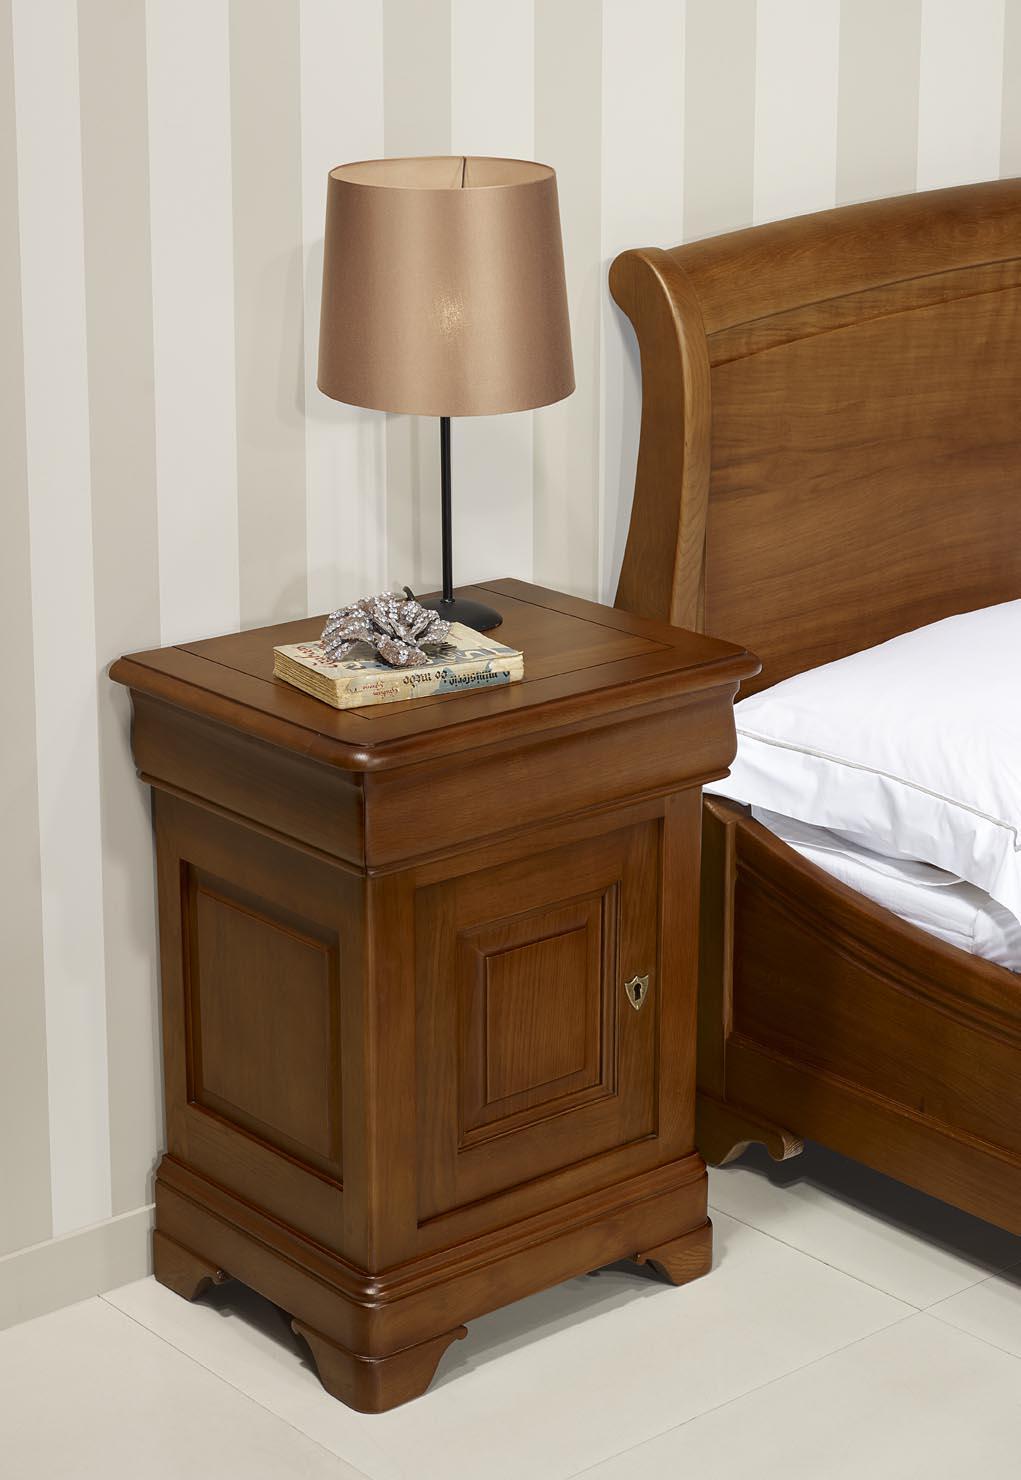 Chevet 1 porte 1 tiroir Hugo  en Chêne Massif de style Louis Philippe Finition Chêne Moyen